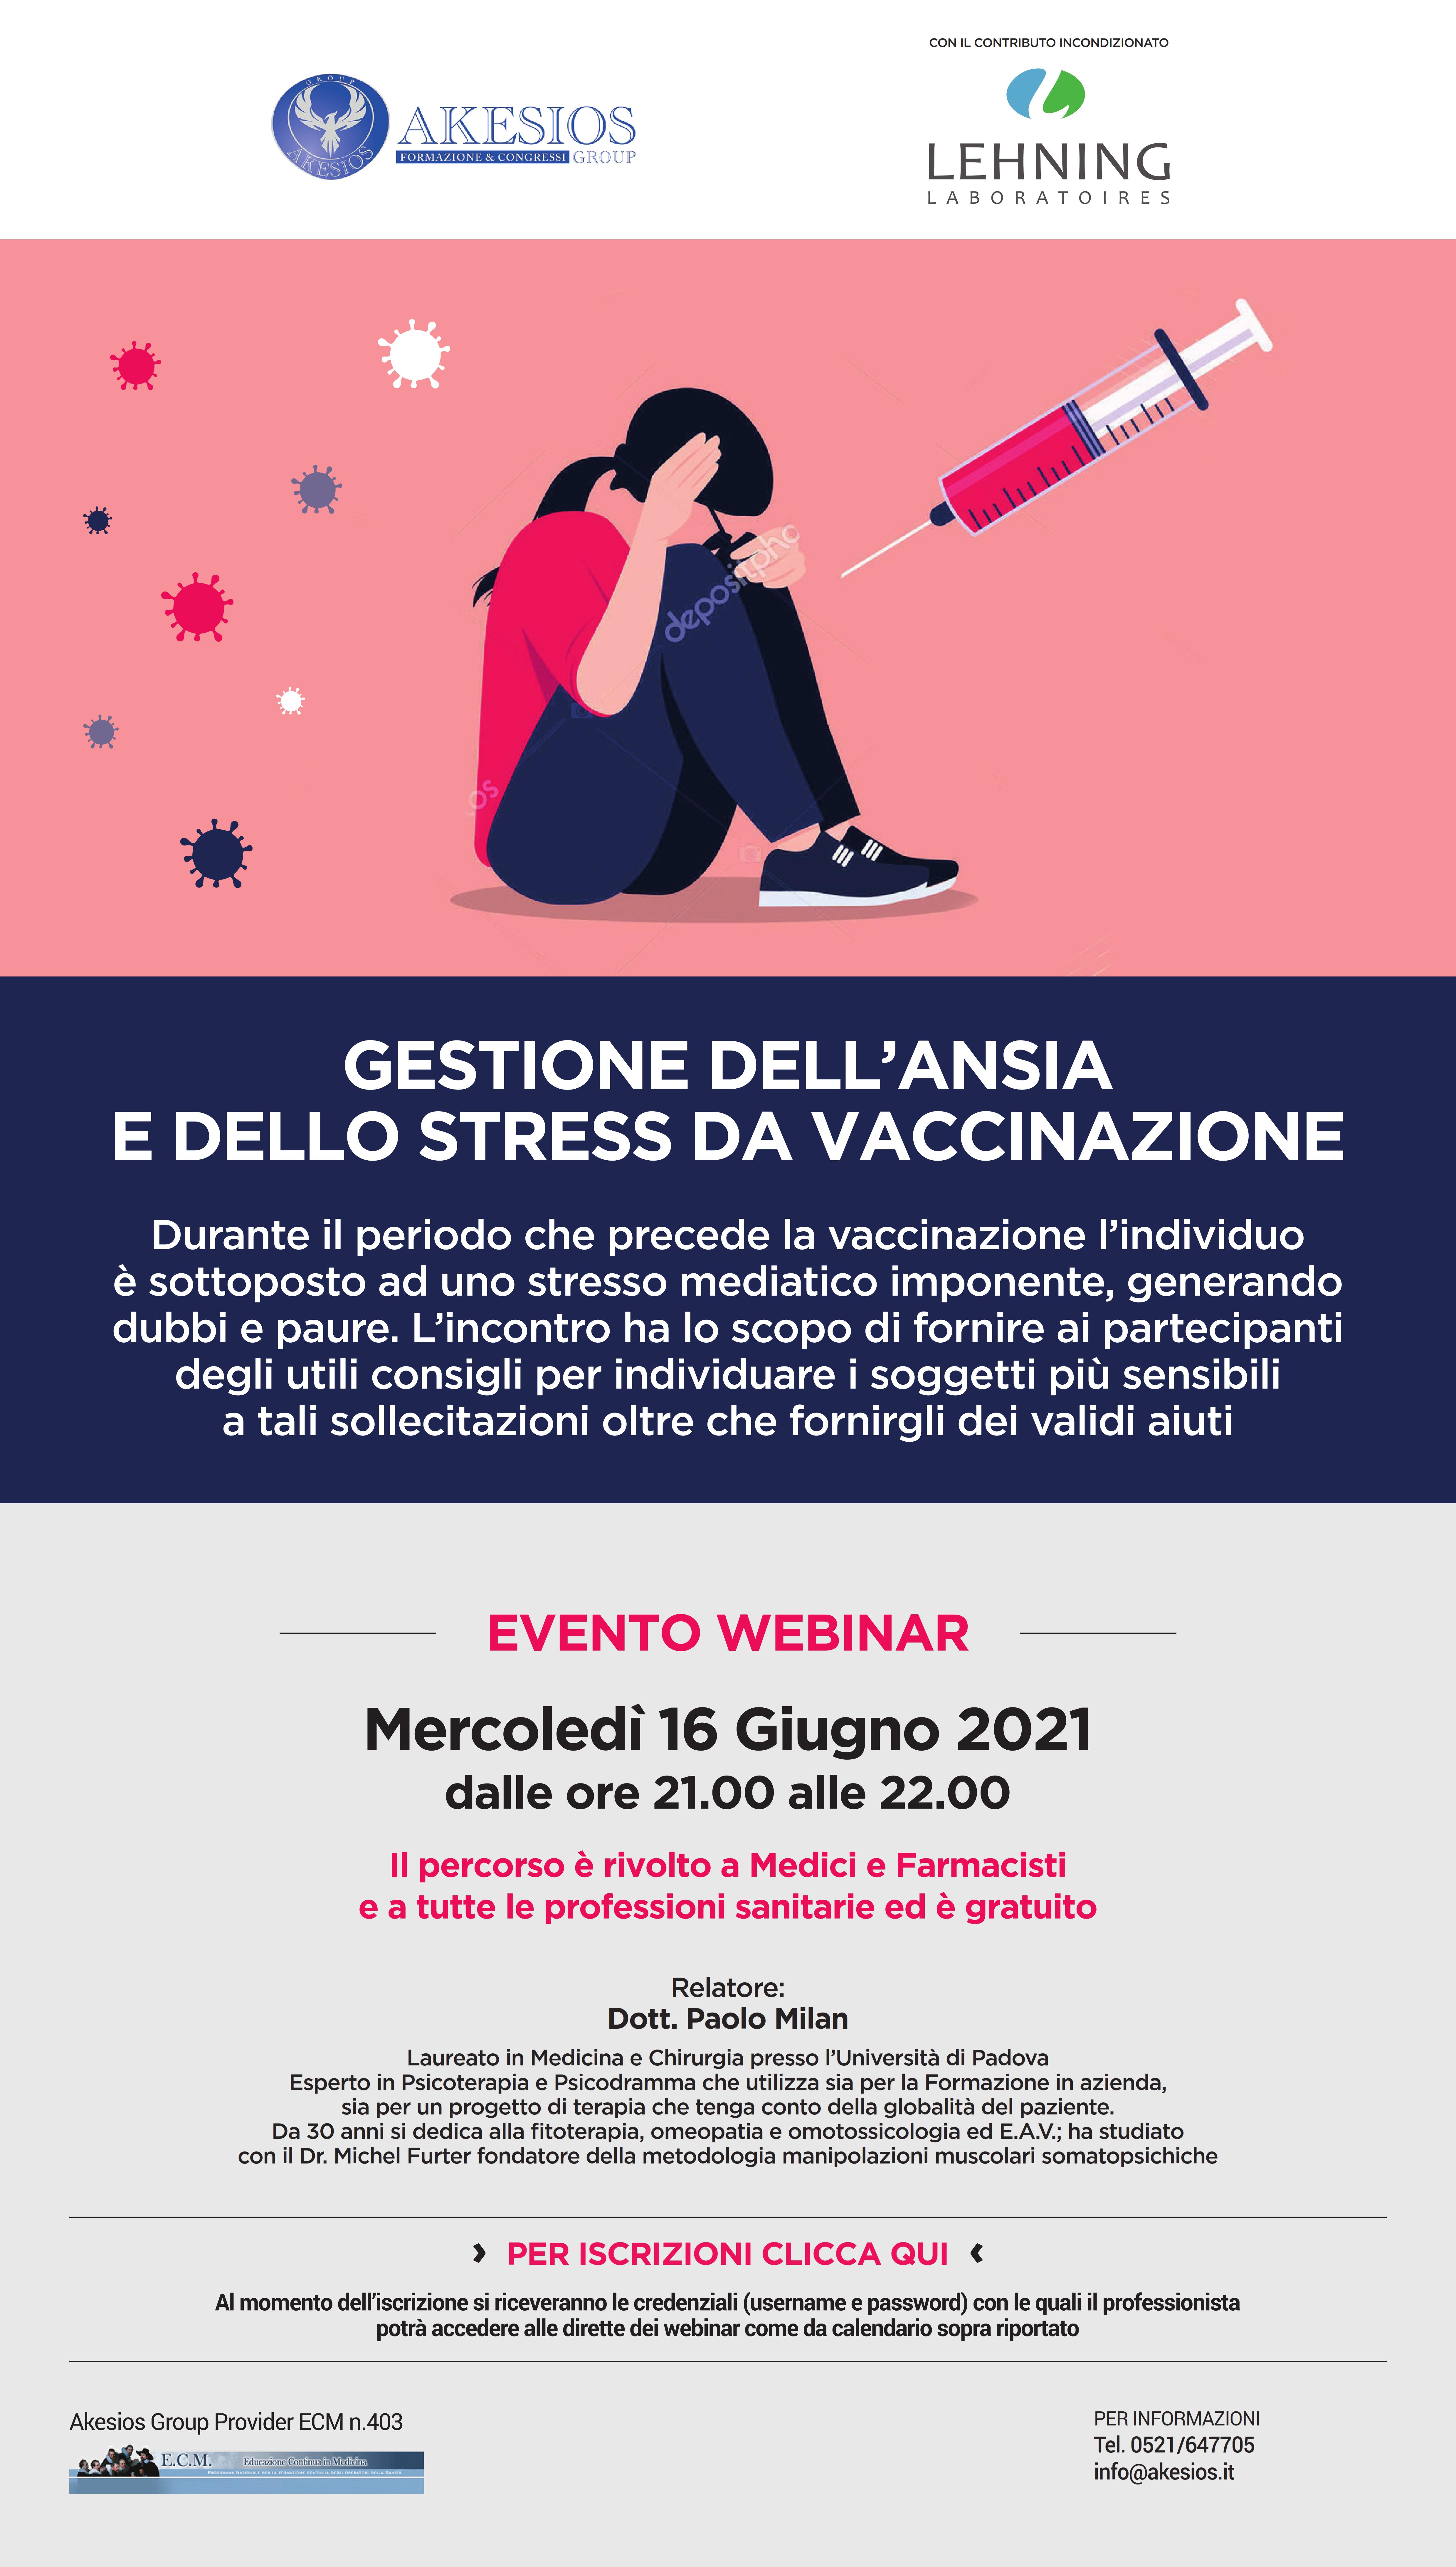 GESTIONE DELL'ANSIA E DELLO STRESS DA VACCINAZIONE